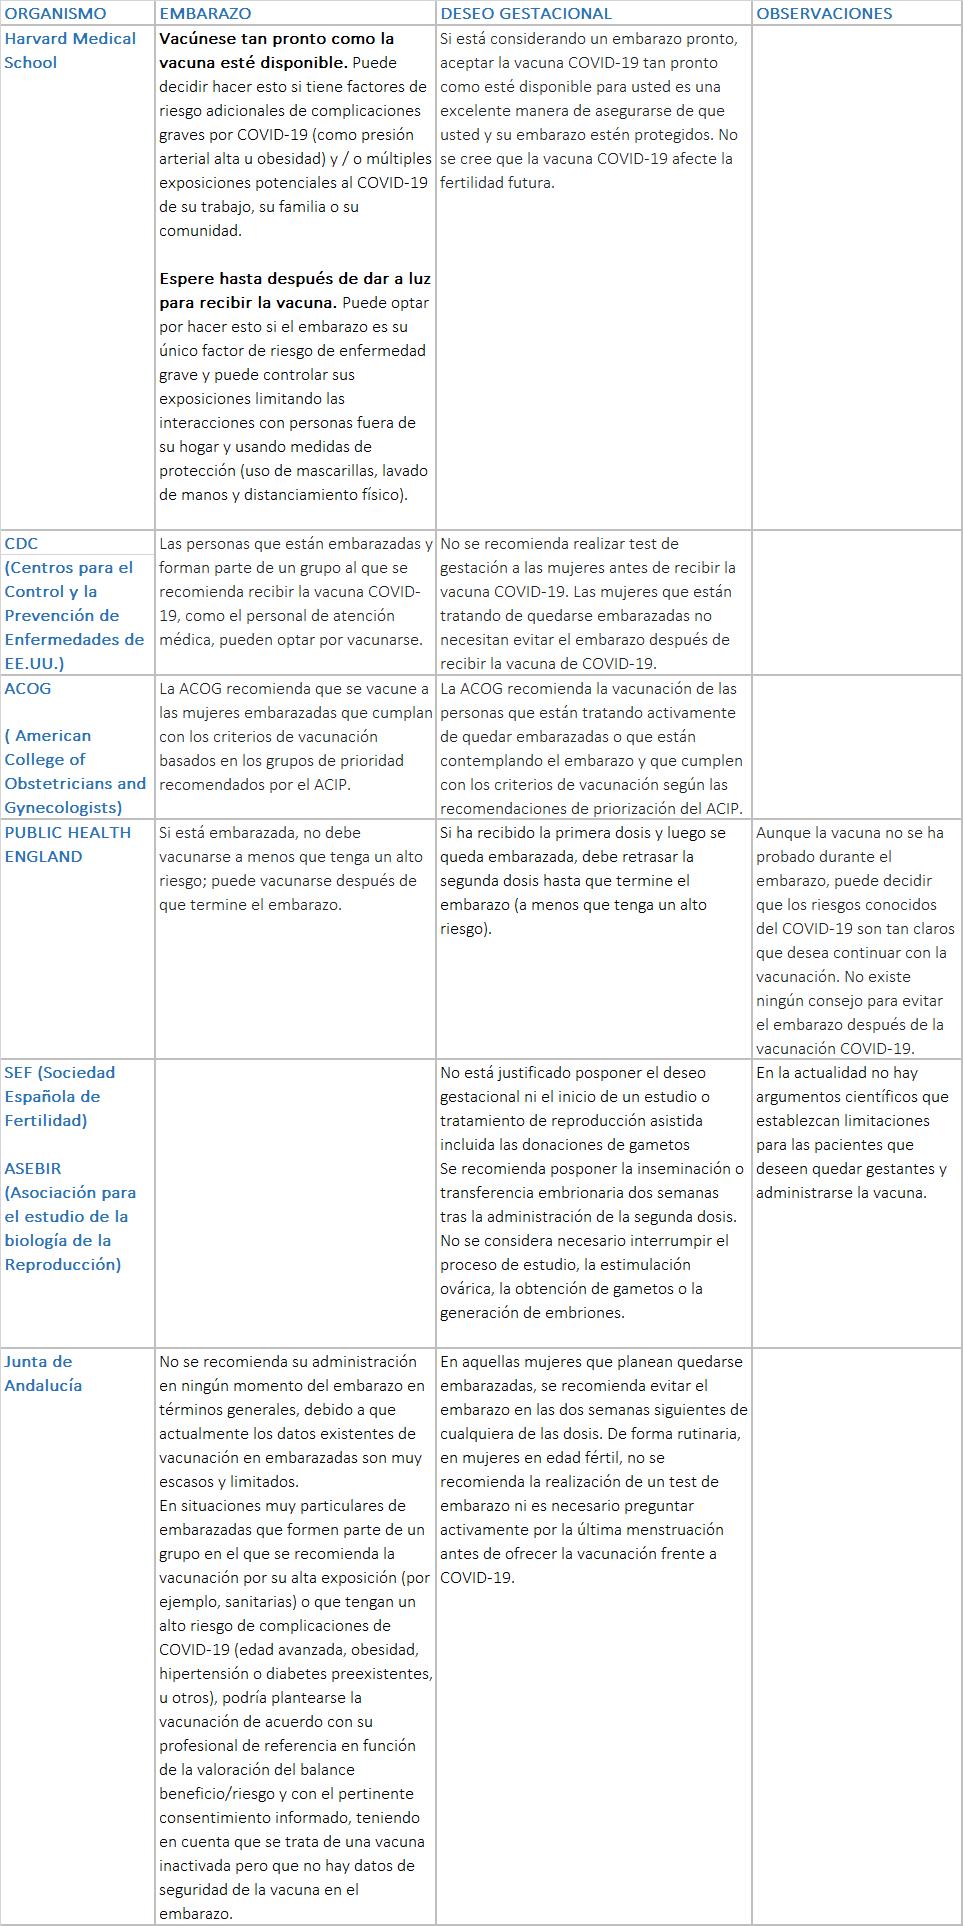 Tabla comparativa de las recomendaciones de diferentes sociedades científicas